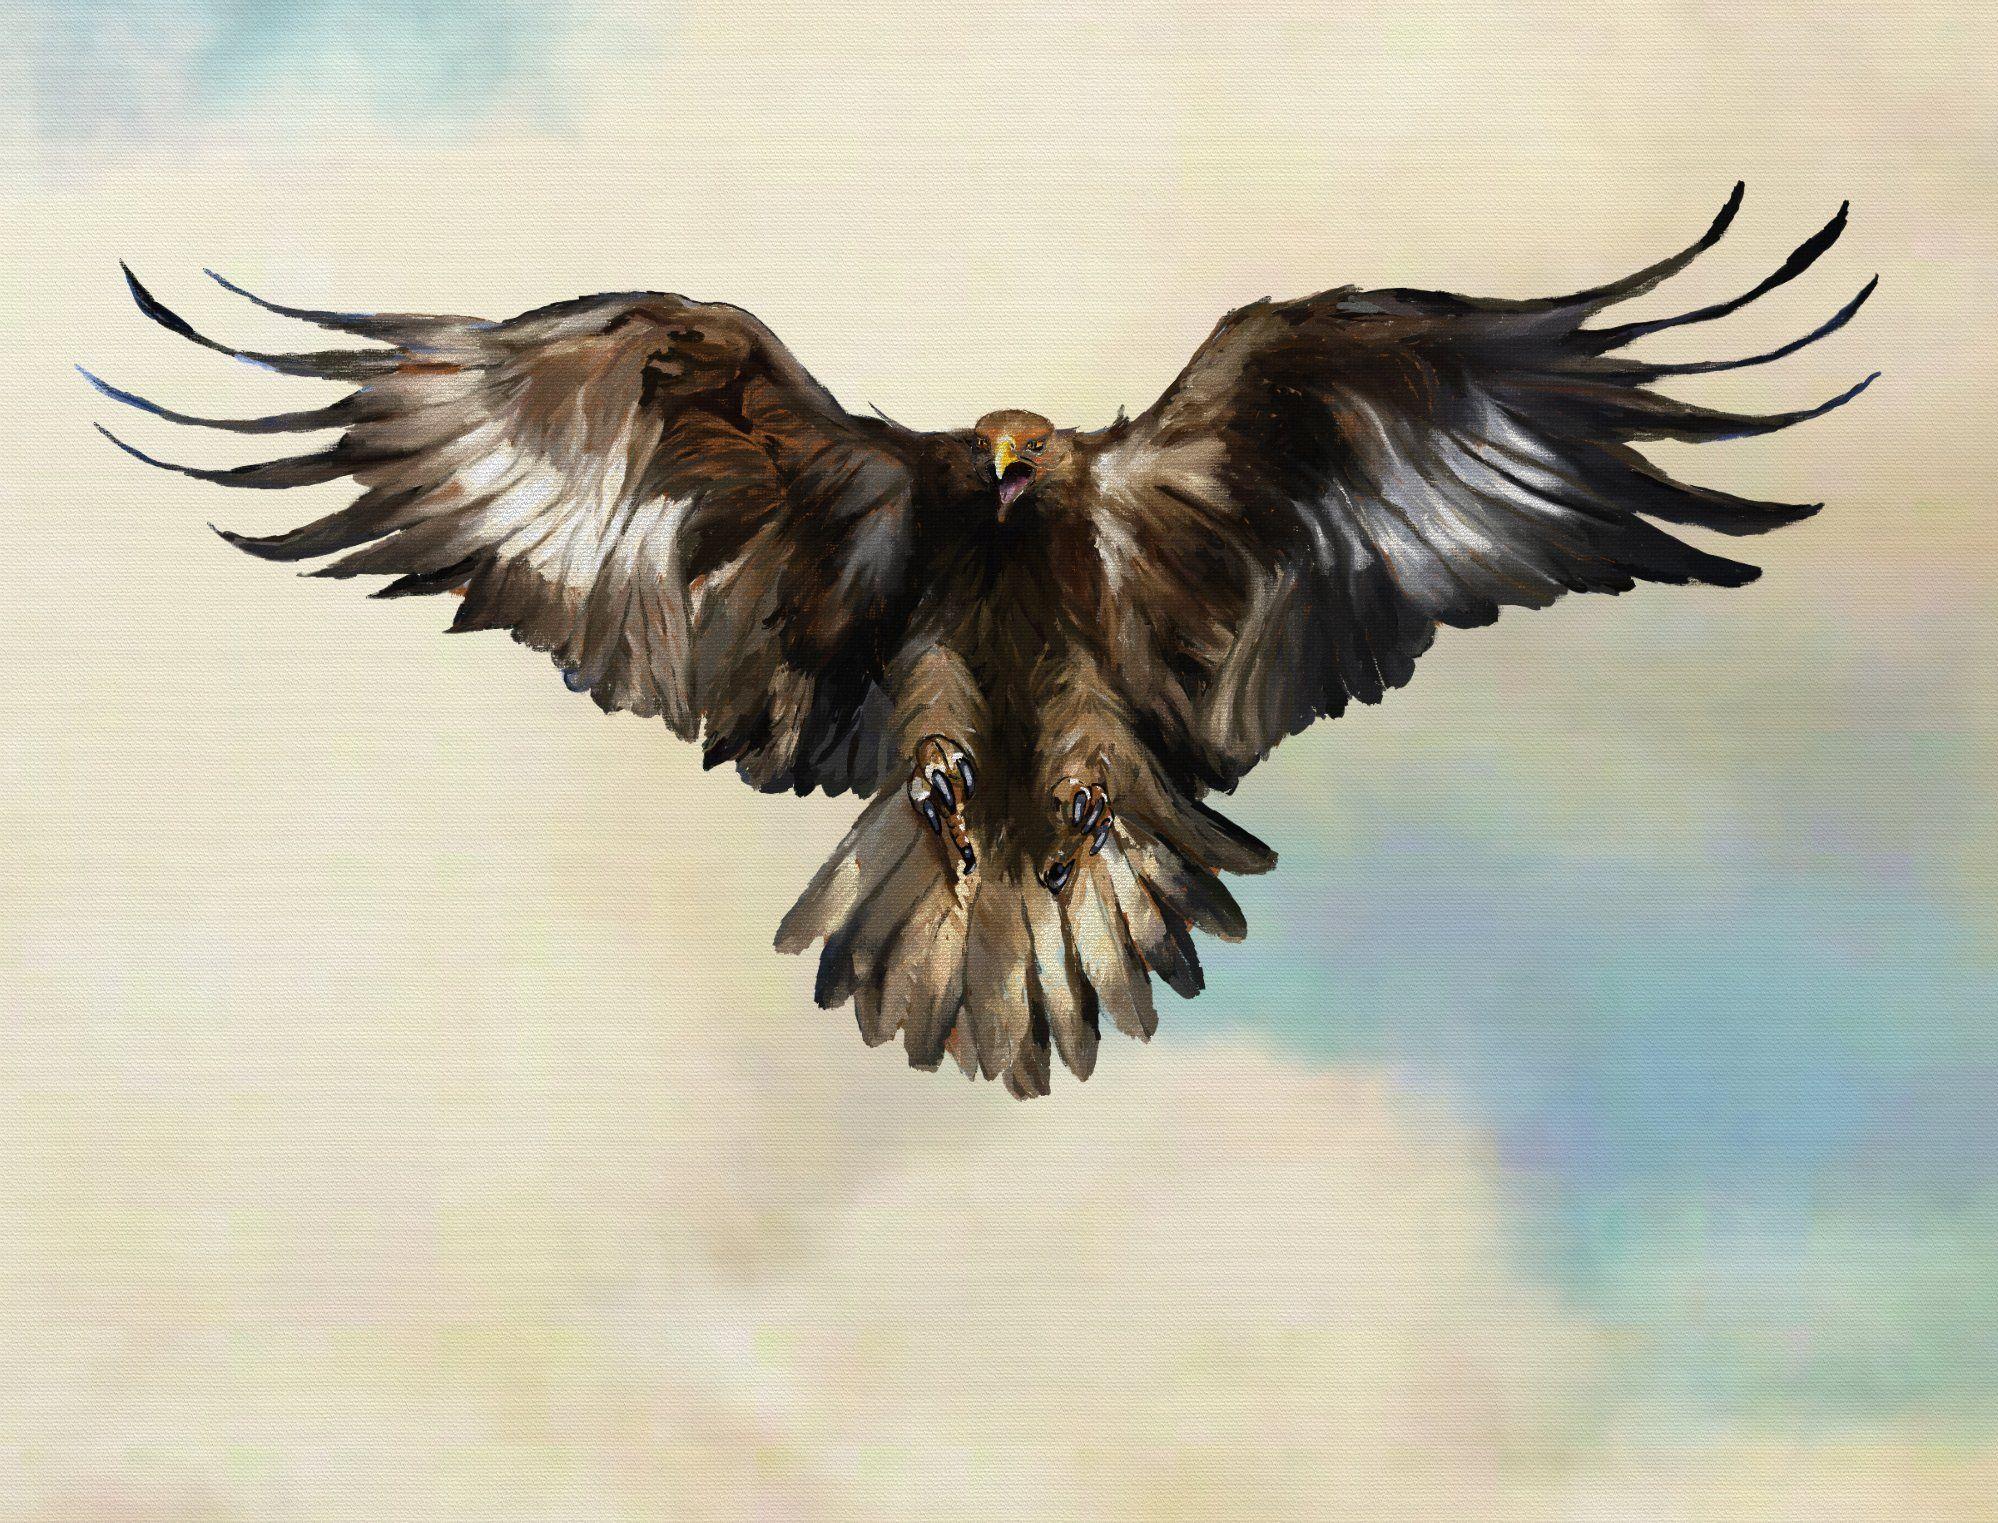 bird wings spread - HD1998×1523